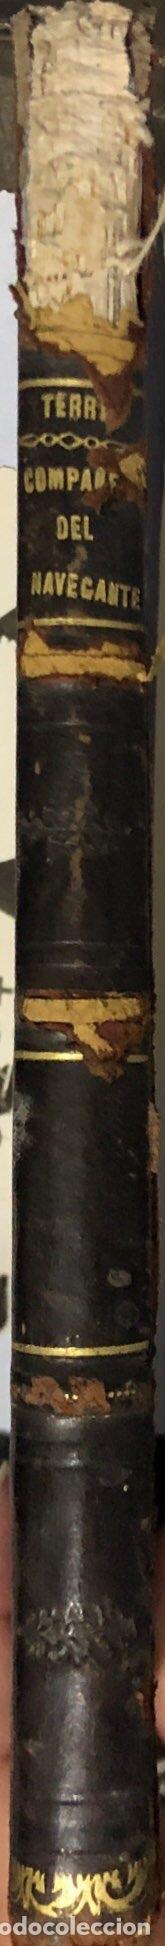 Libros antiguos: APUNTES METEOROLOGIA NAUTICA Y GEOGRAFIA FISICA DEL MAR, TENIENTE CHACON Y PERY. 1877 LEER. - Foto 3 - 175023802